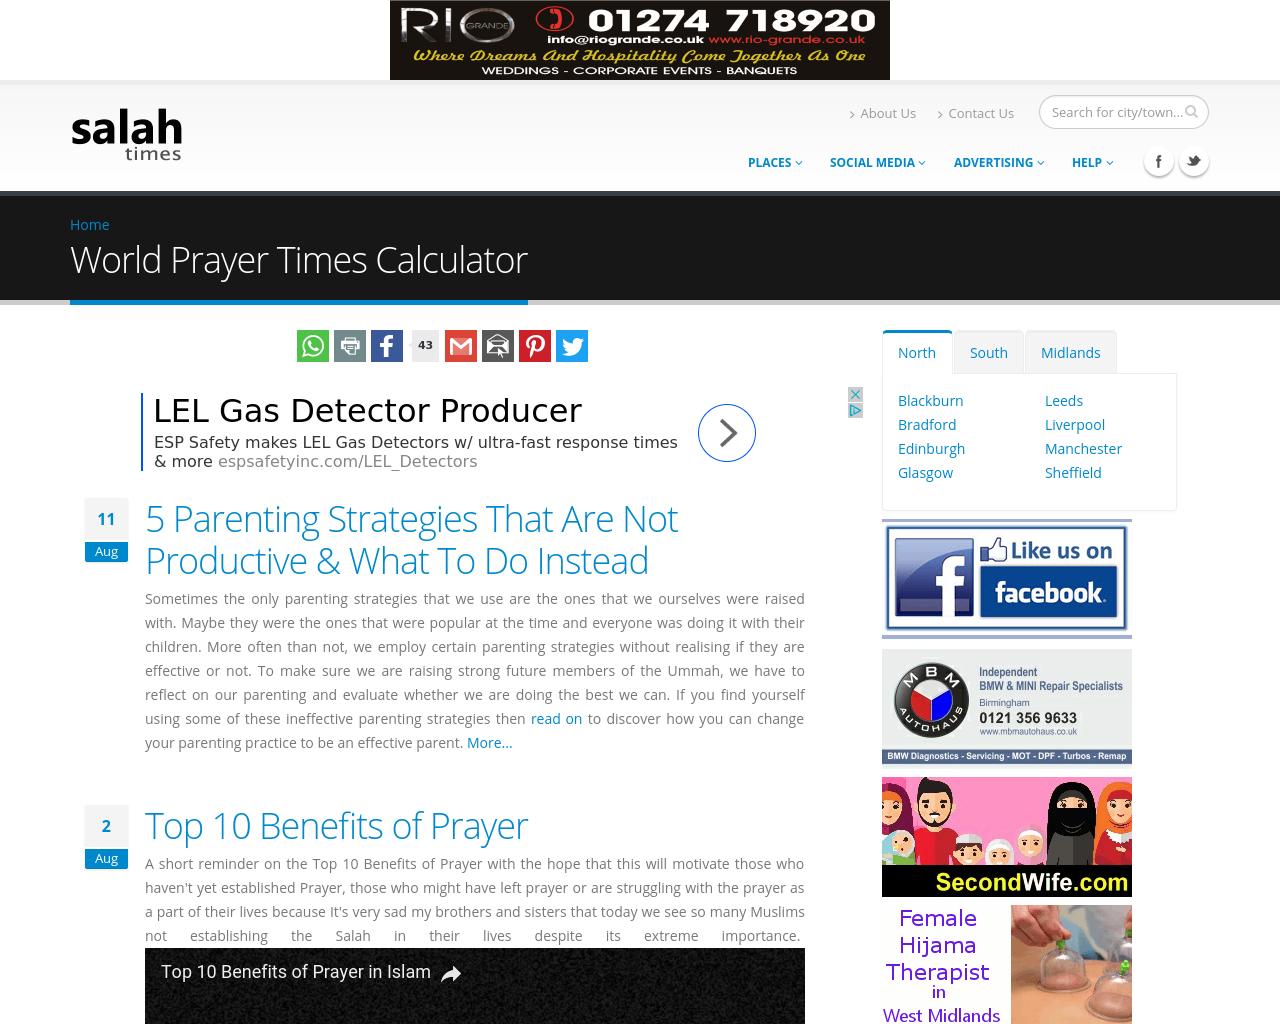 Salah-Times-Advertising-Reviews-Pricing